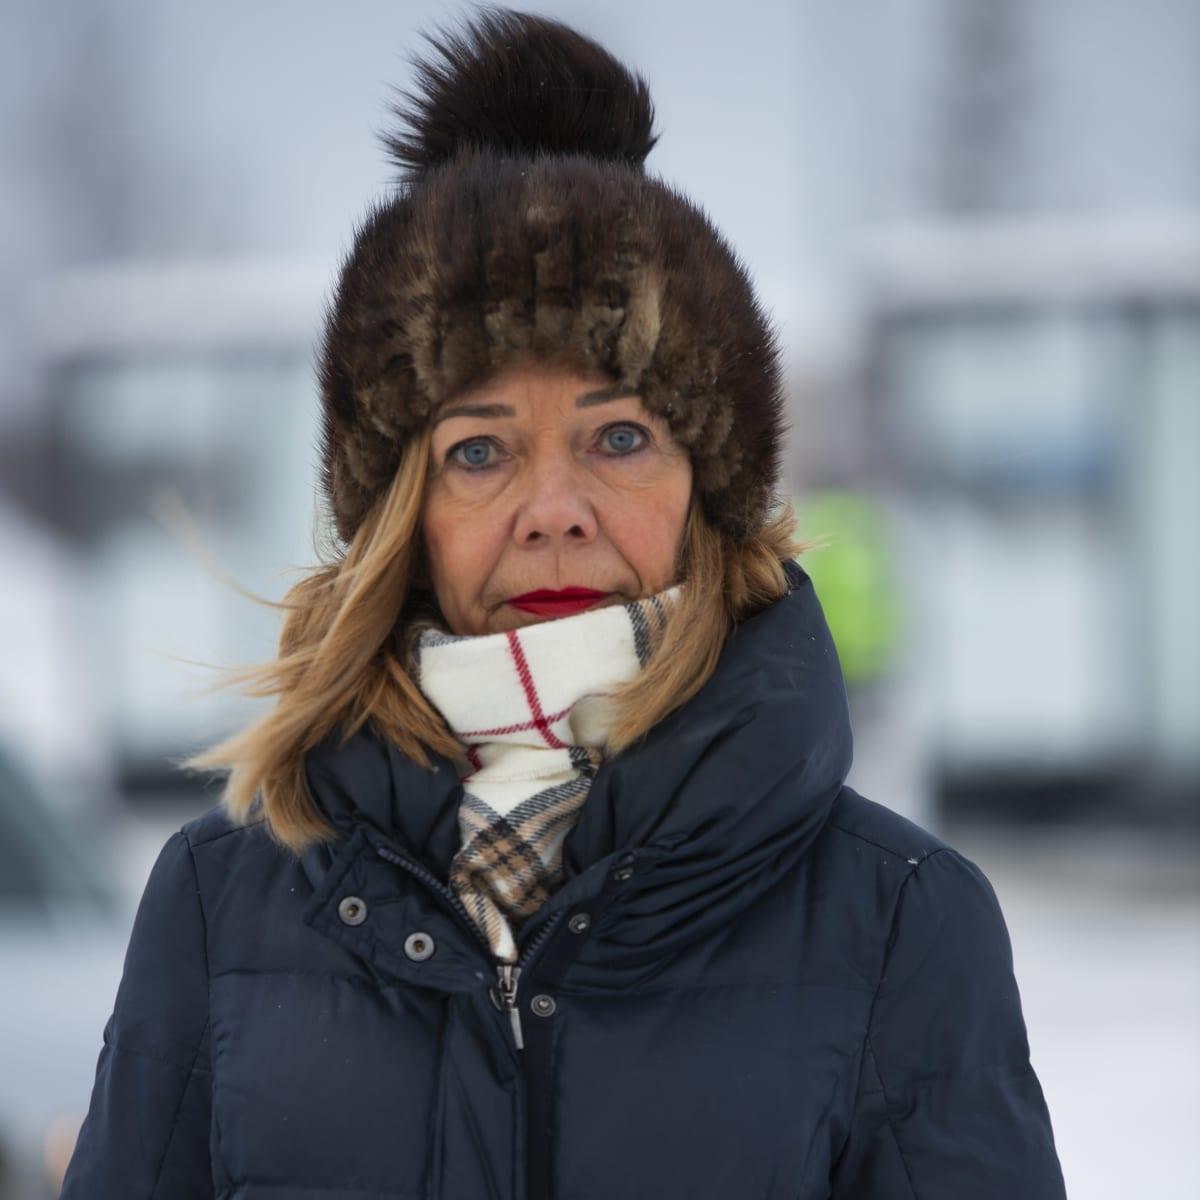 Pohjoiskalotin rajaneuvonnan koordinaattori Päivi Koivupalo Tornion ja Haaparannan rajalla